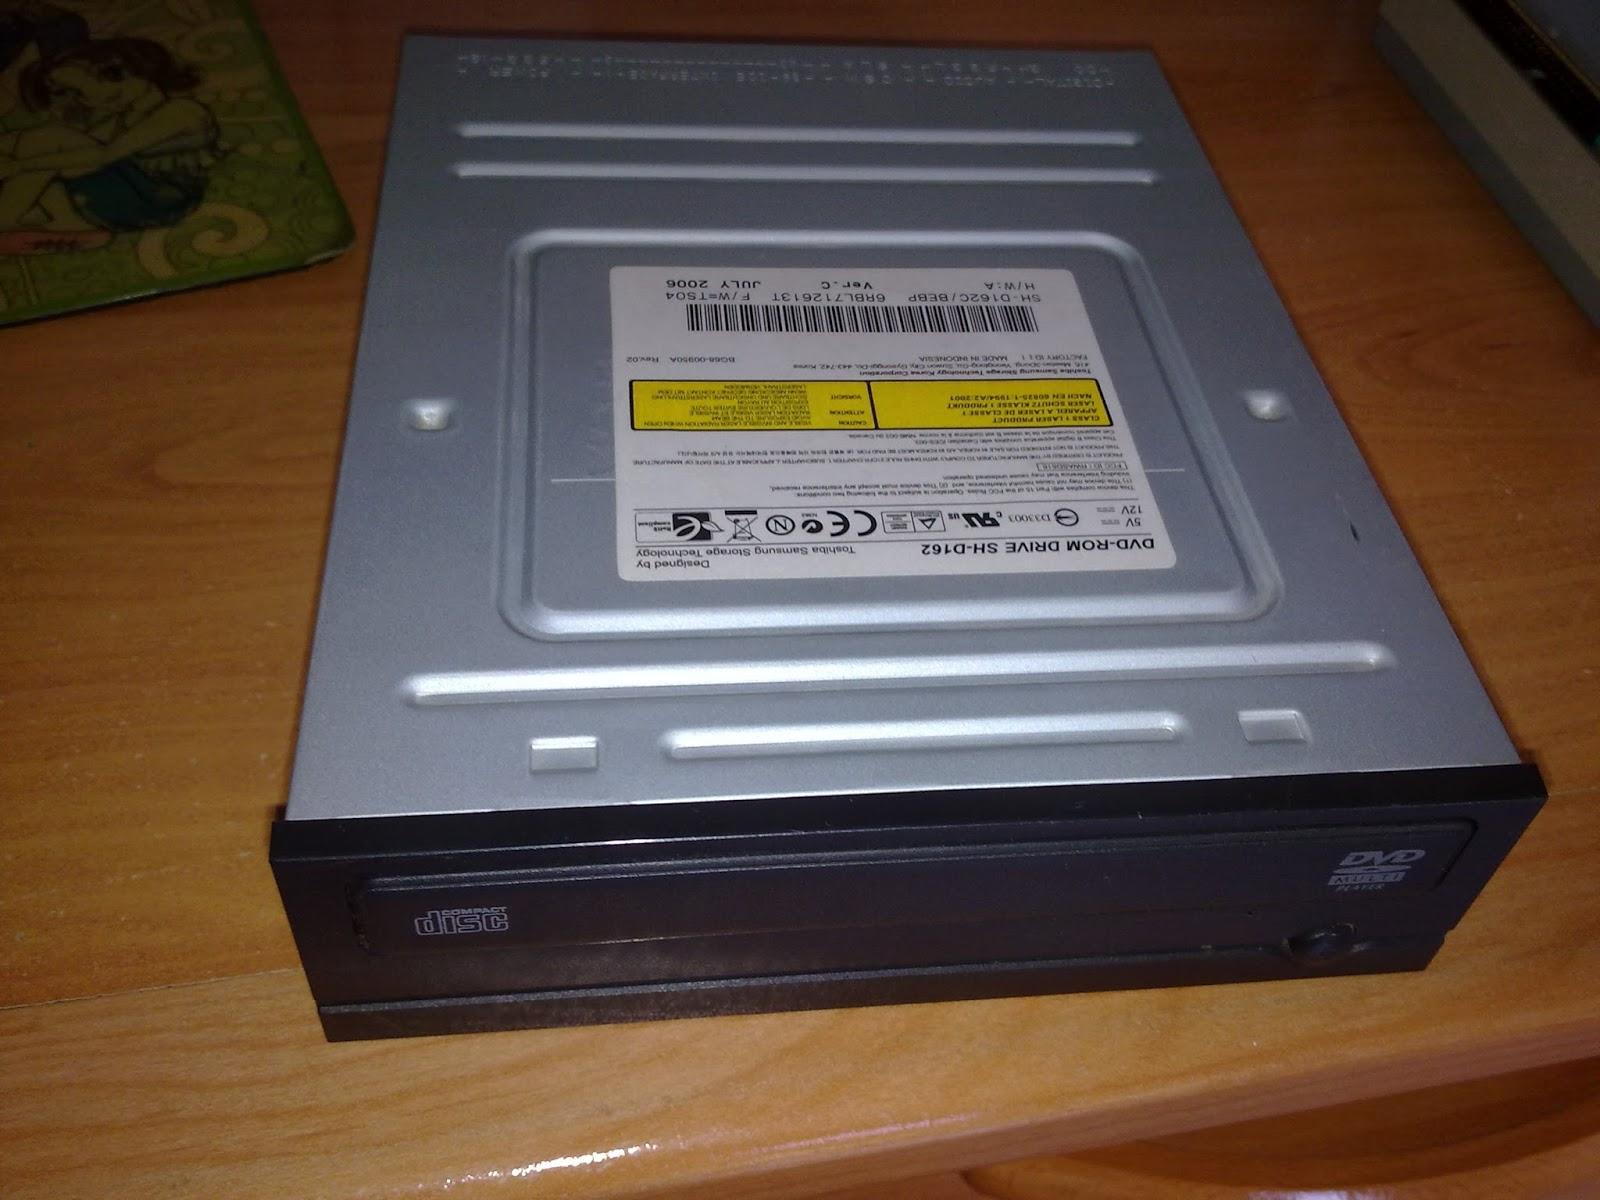 Desyrepara Lector Grabador Dvd